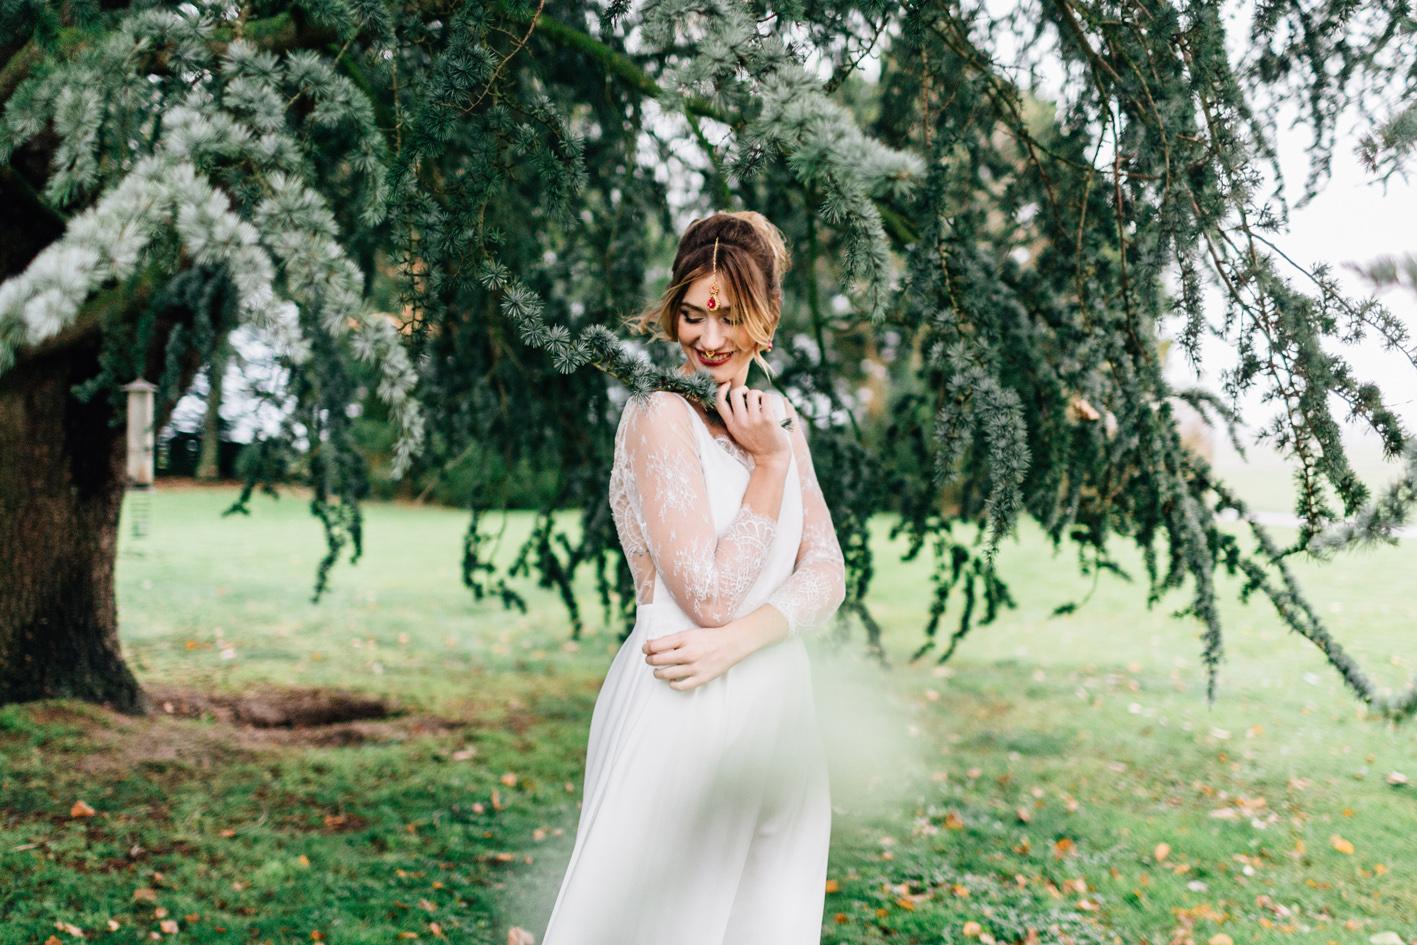 les conseils d'une wedding planner éthique pour un mariage plus responsable